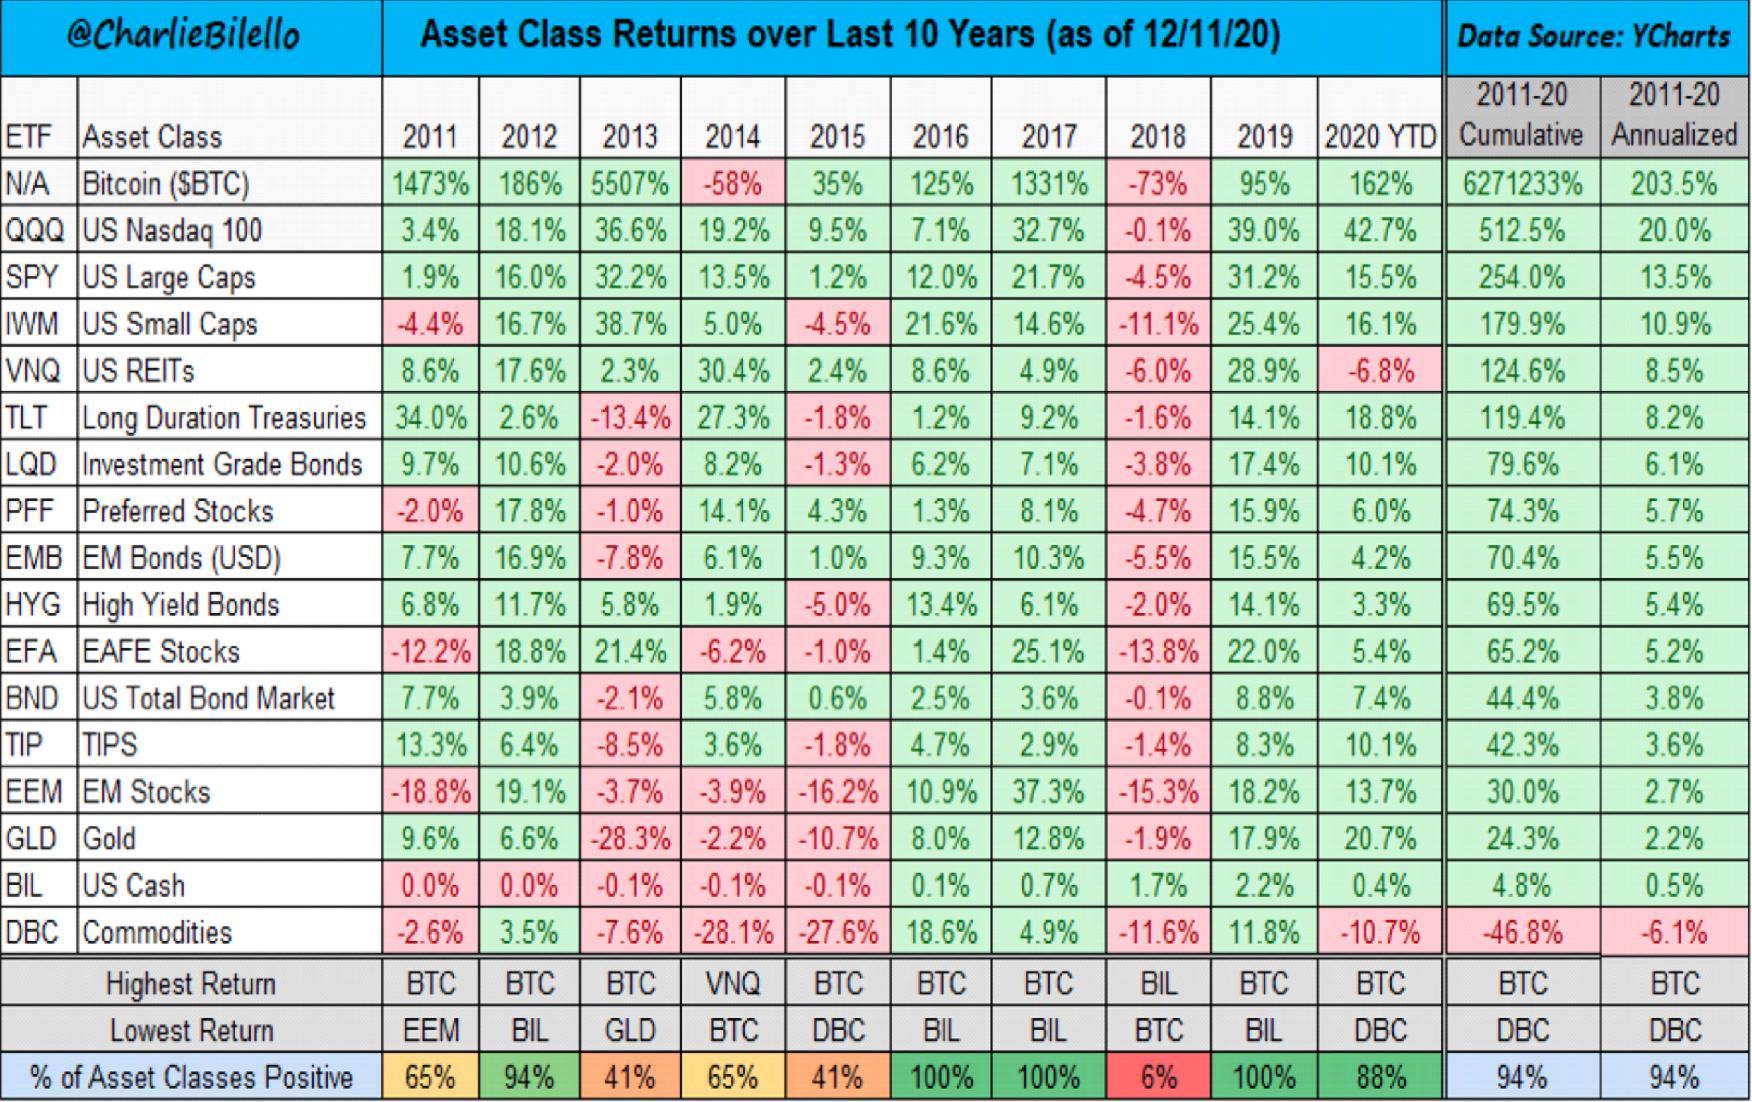 Bitkoin je pobedio sve klase imovine u poslednjih 10 godina